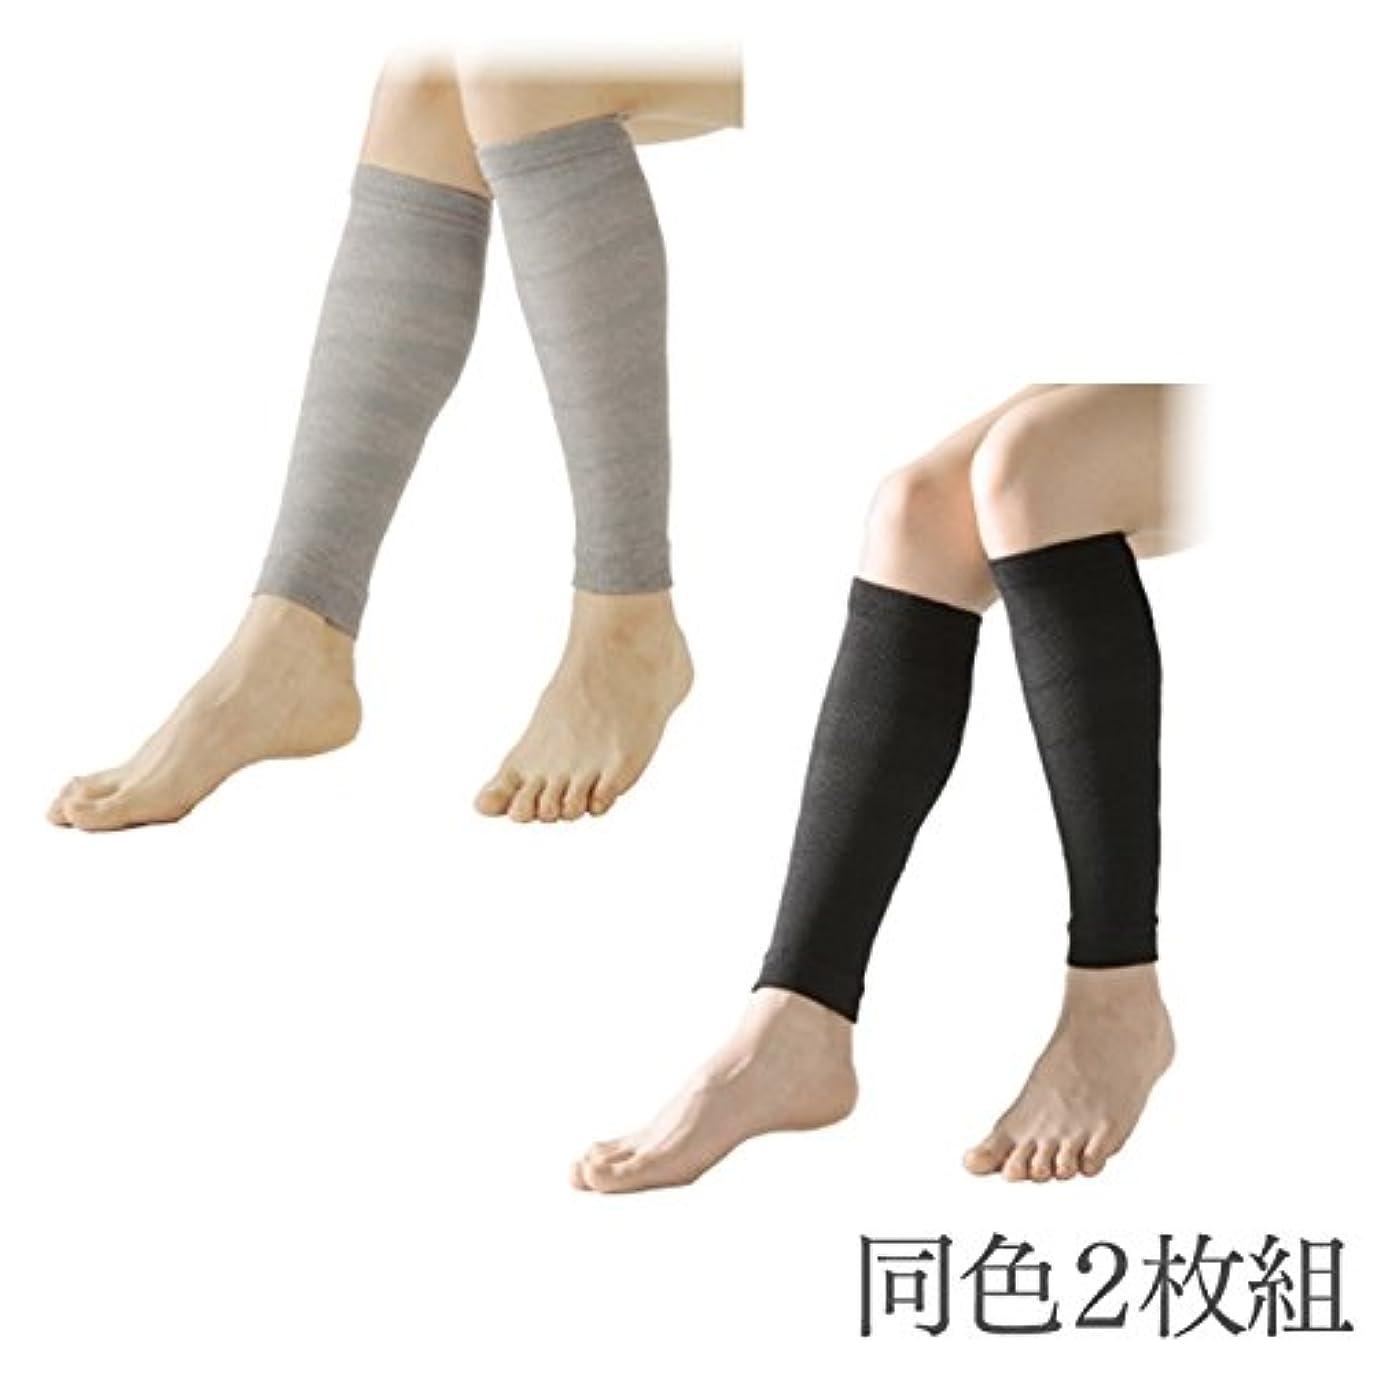 線形チキン変化する着圧ソックス 足のむくみ 靴下 むくみ解消 着圧ふくらはぎサポーター 2枚組